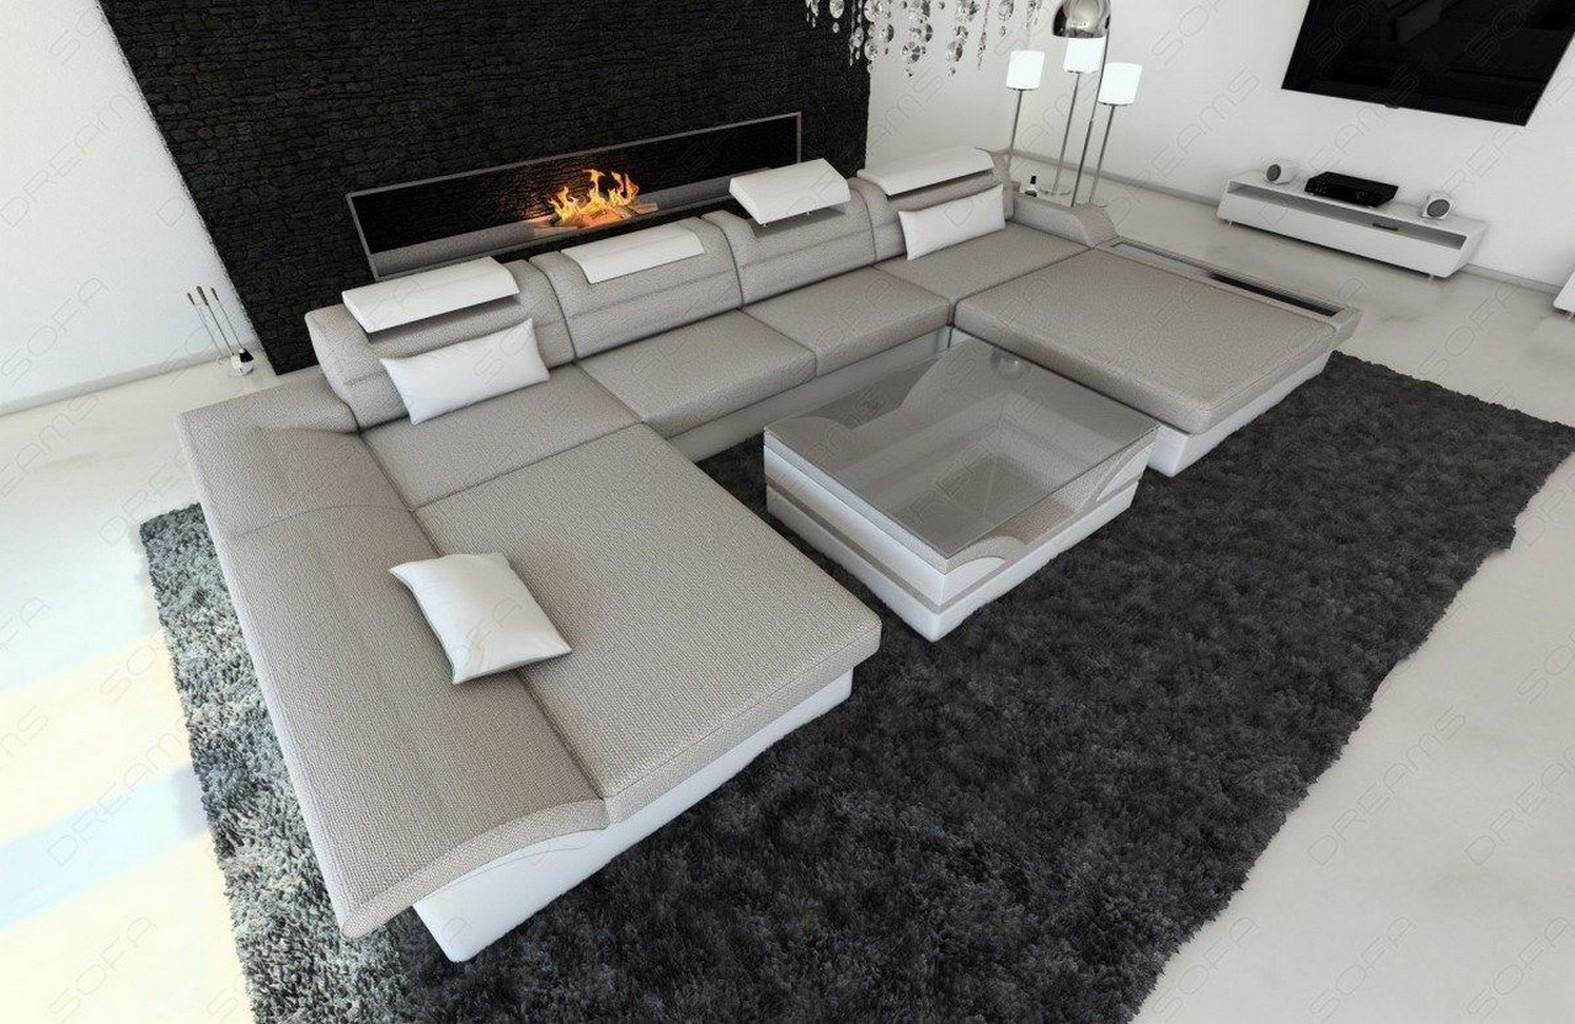 design polstersofa wohnlandschaft stoff monza u form materialmix led beleuchtung ebay. Black Bedroom Furniture Sets. Home Design Ideas